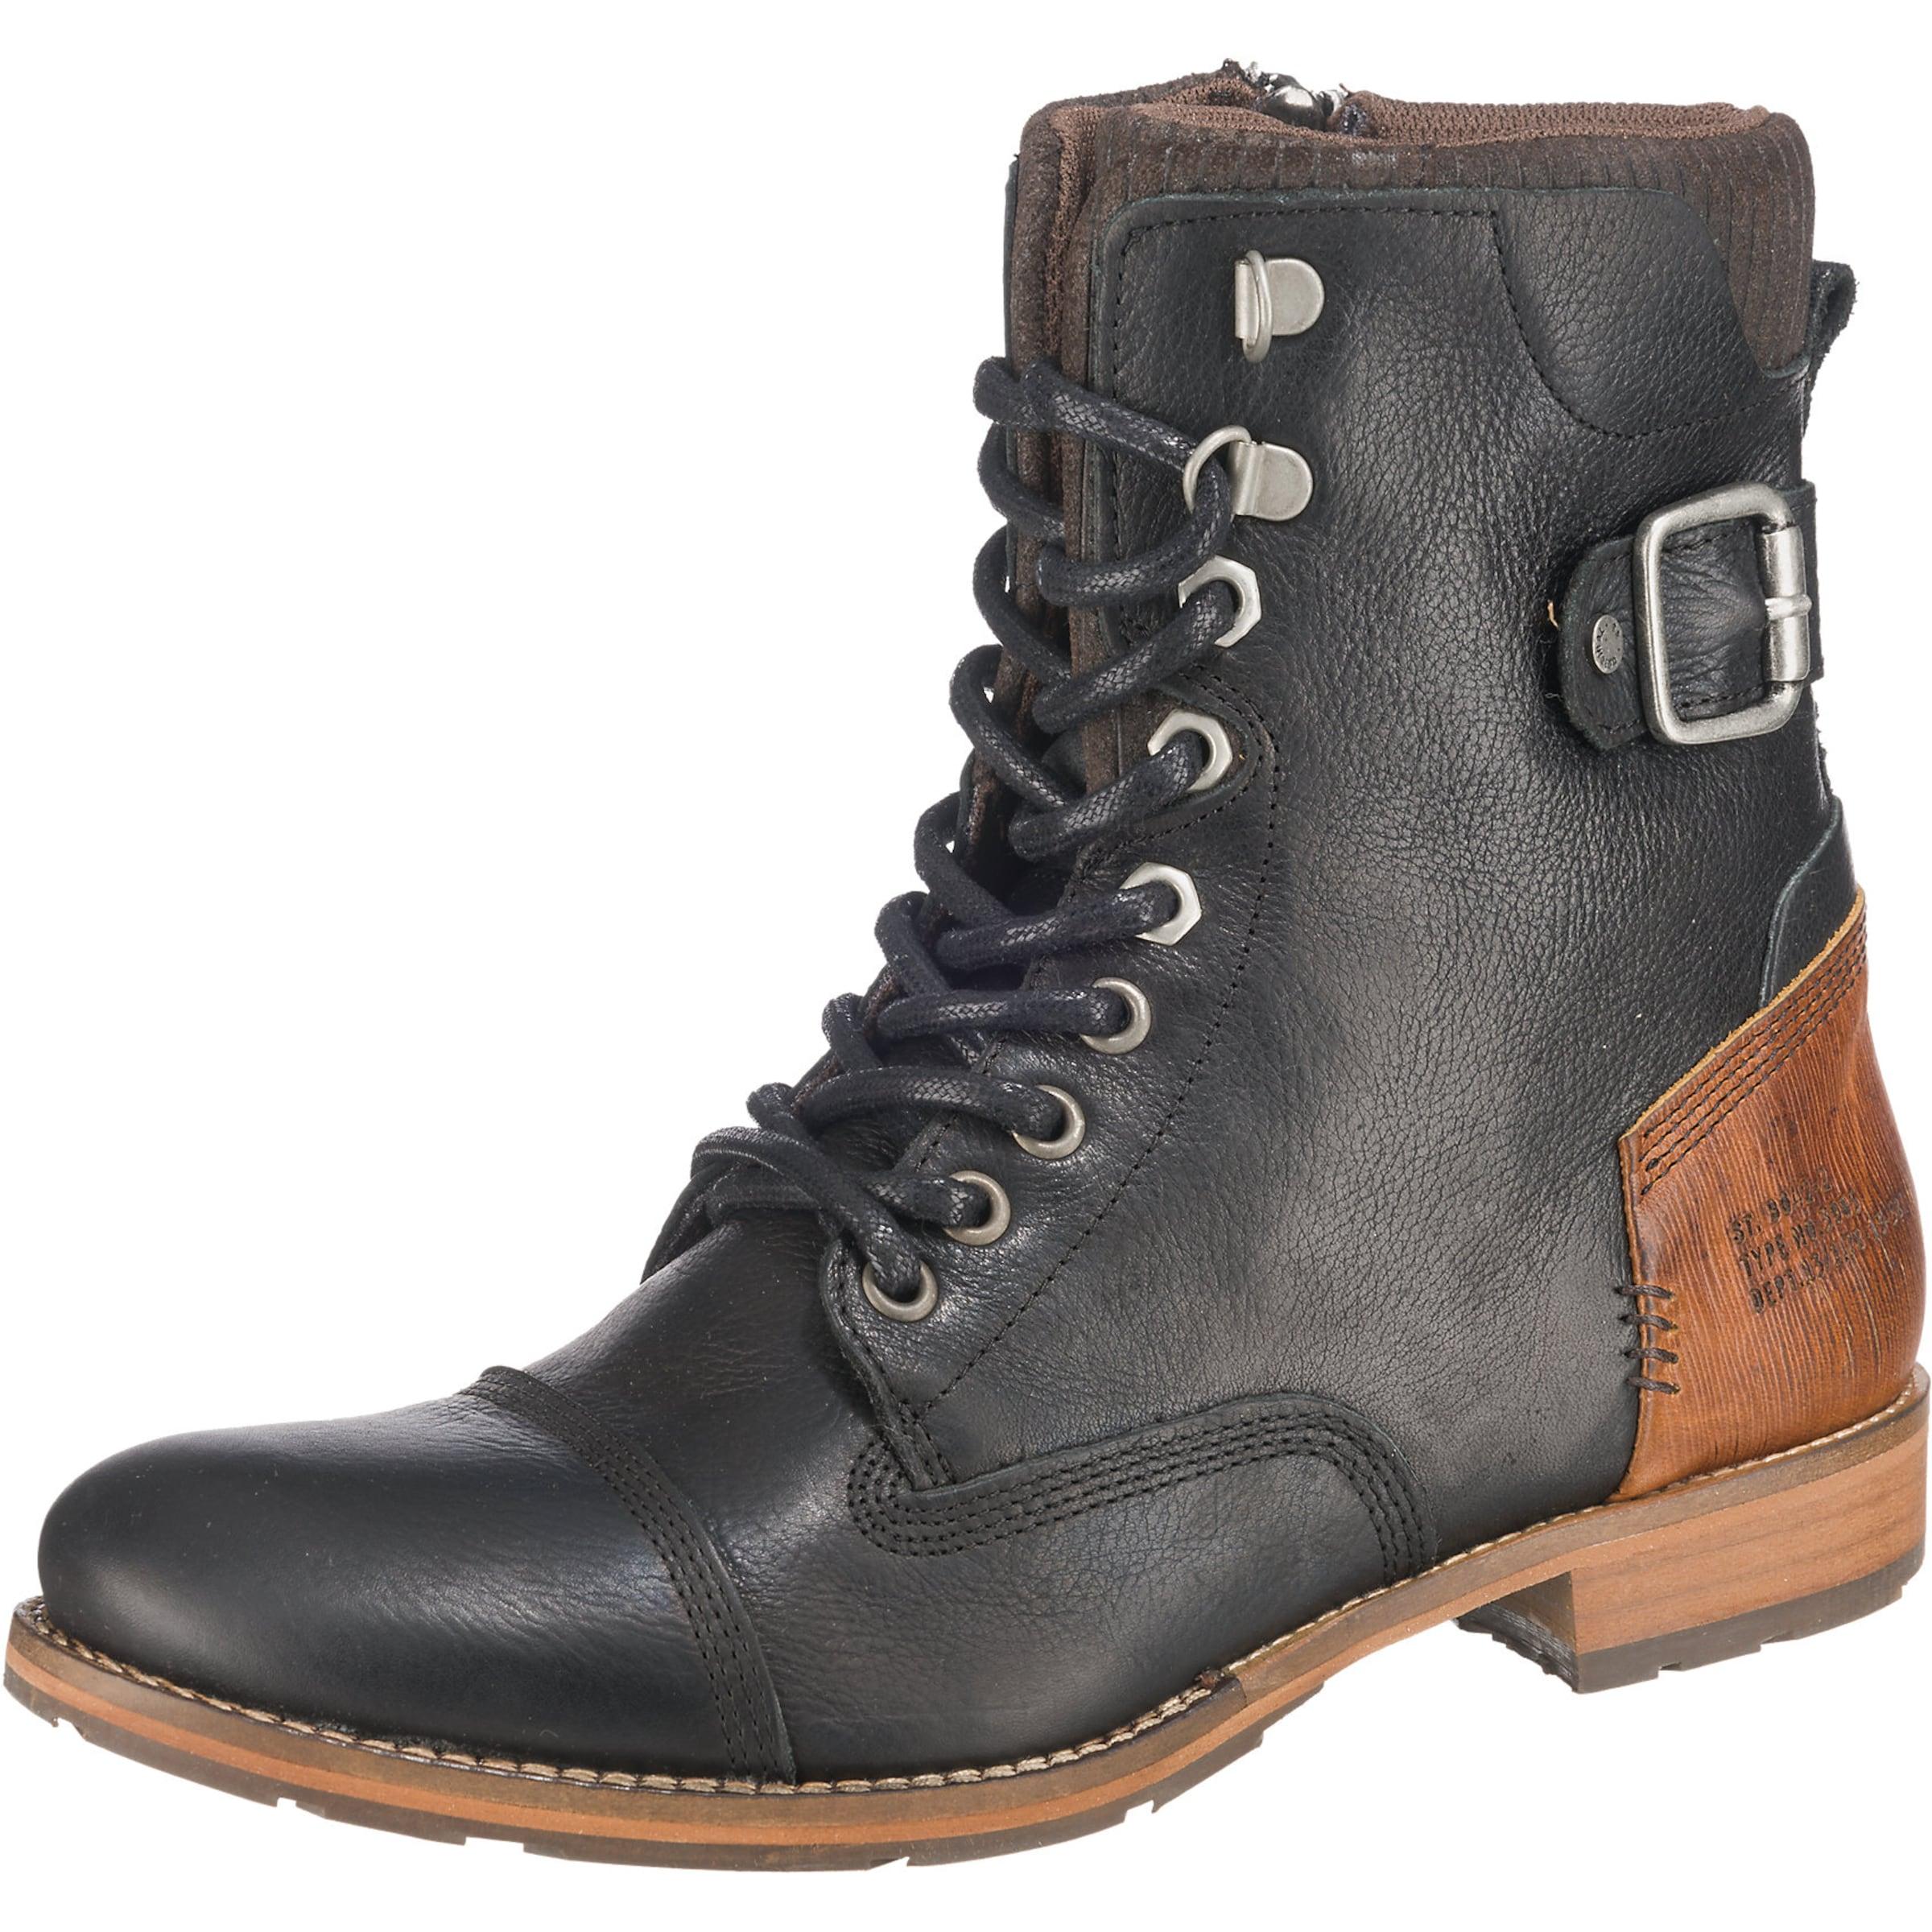 BULLBOXER Stiefel & Stiefeletten Günstige und langlebige Schuhe